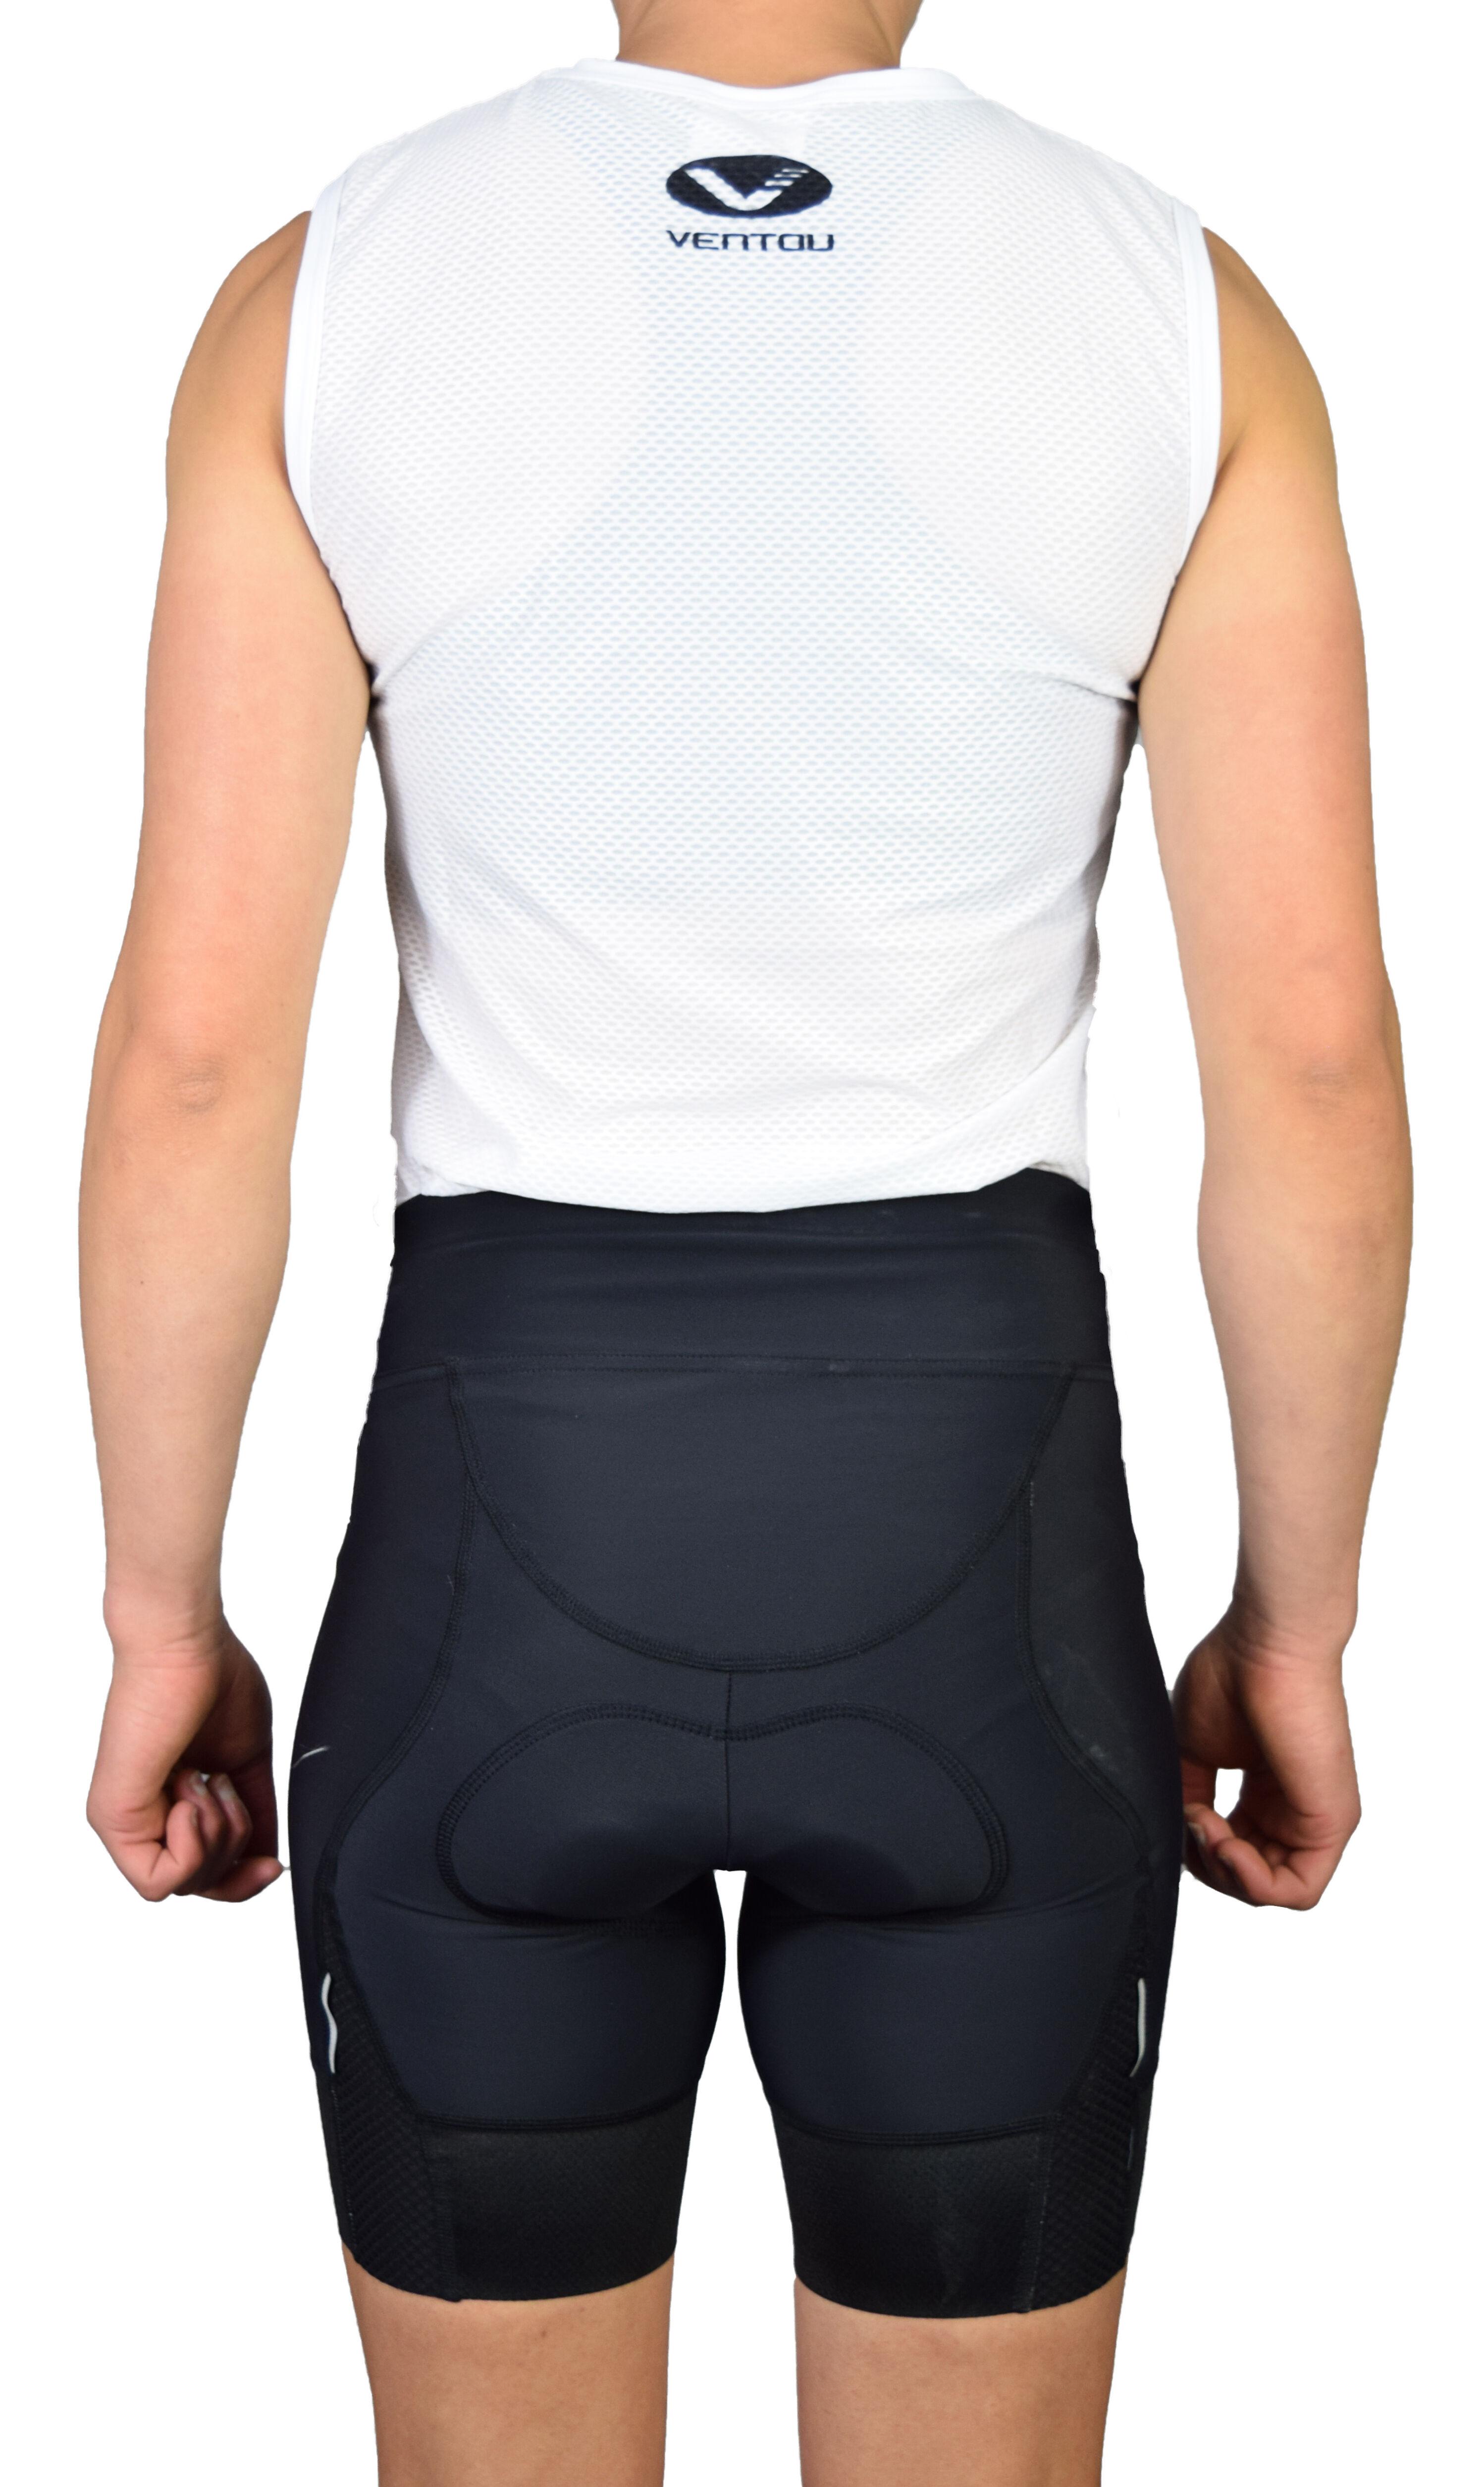 Undershirt Black short Tucked inBACK